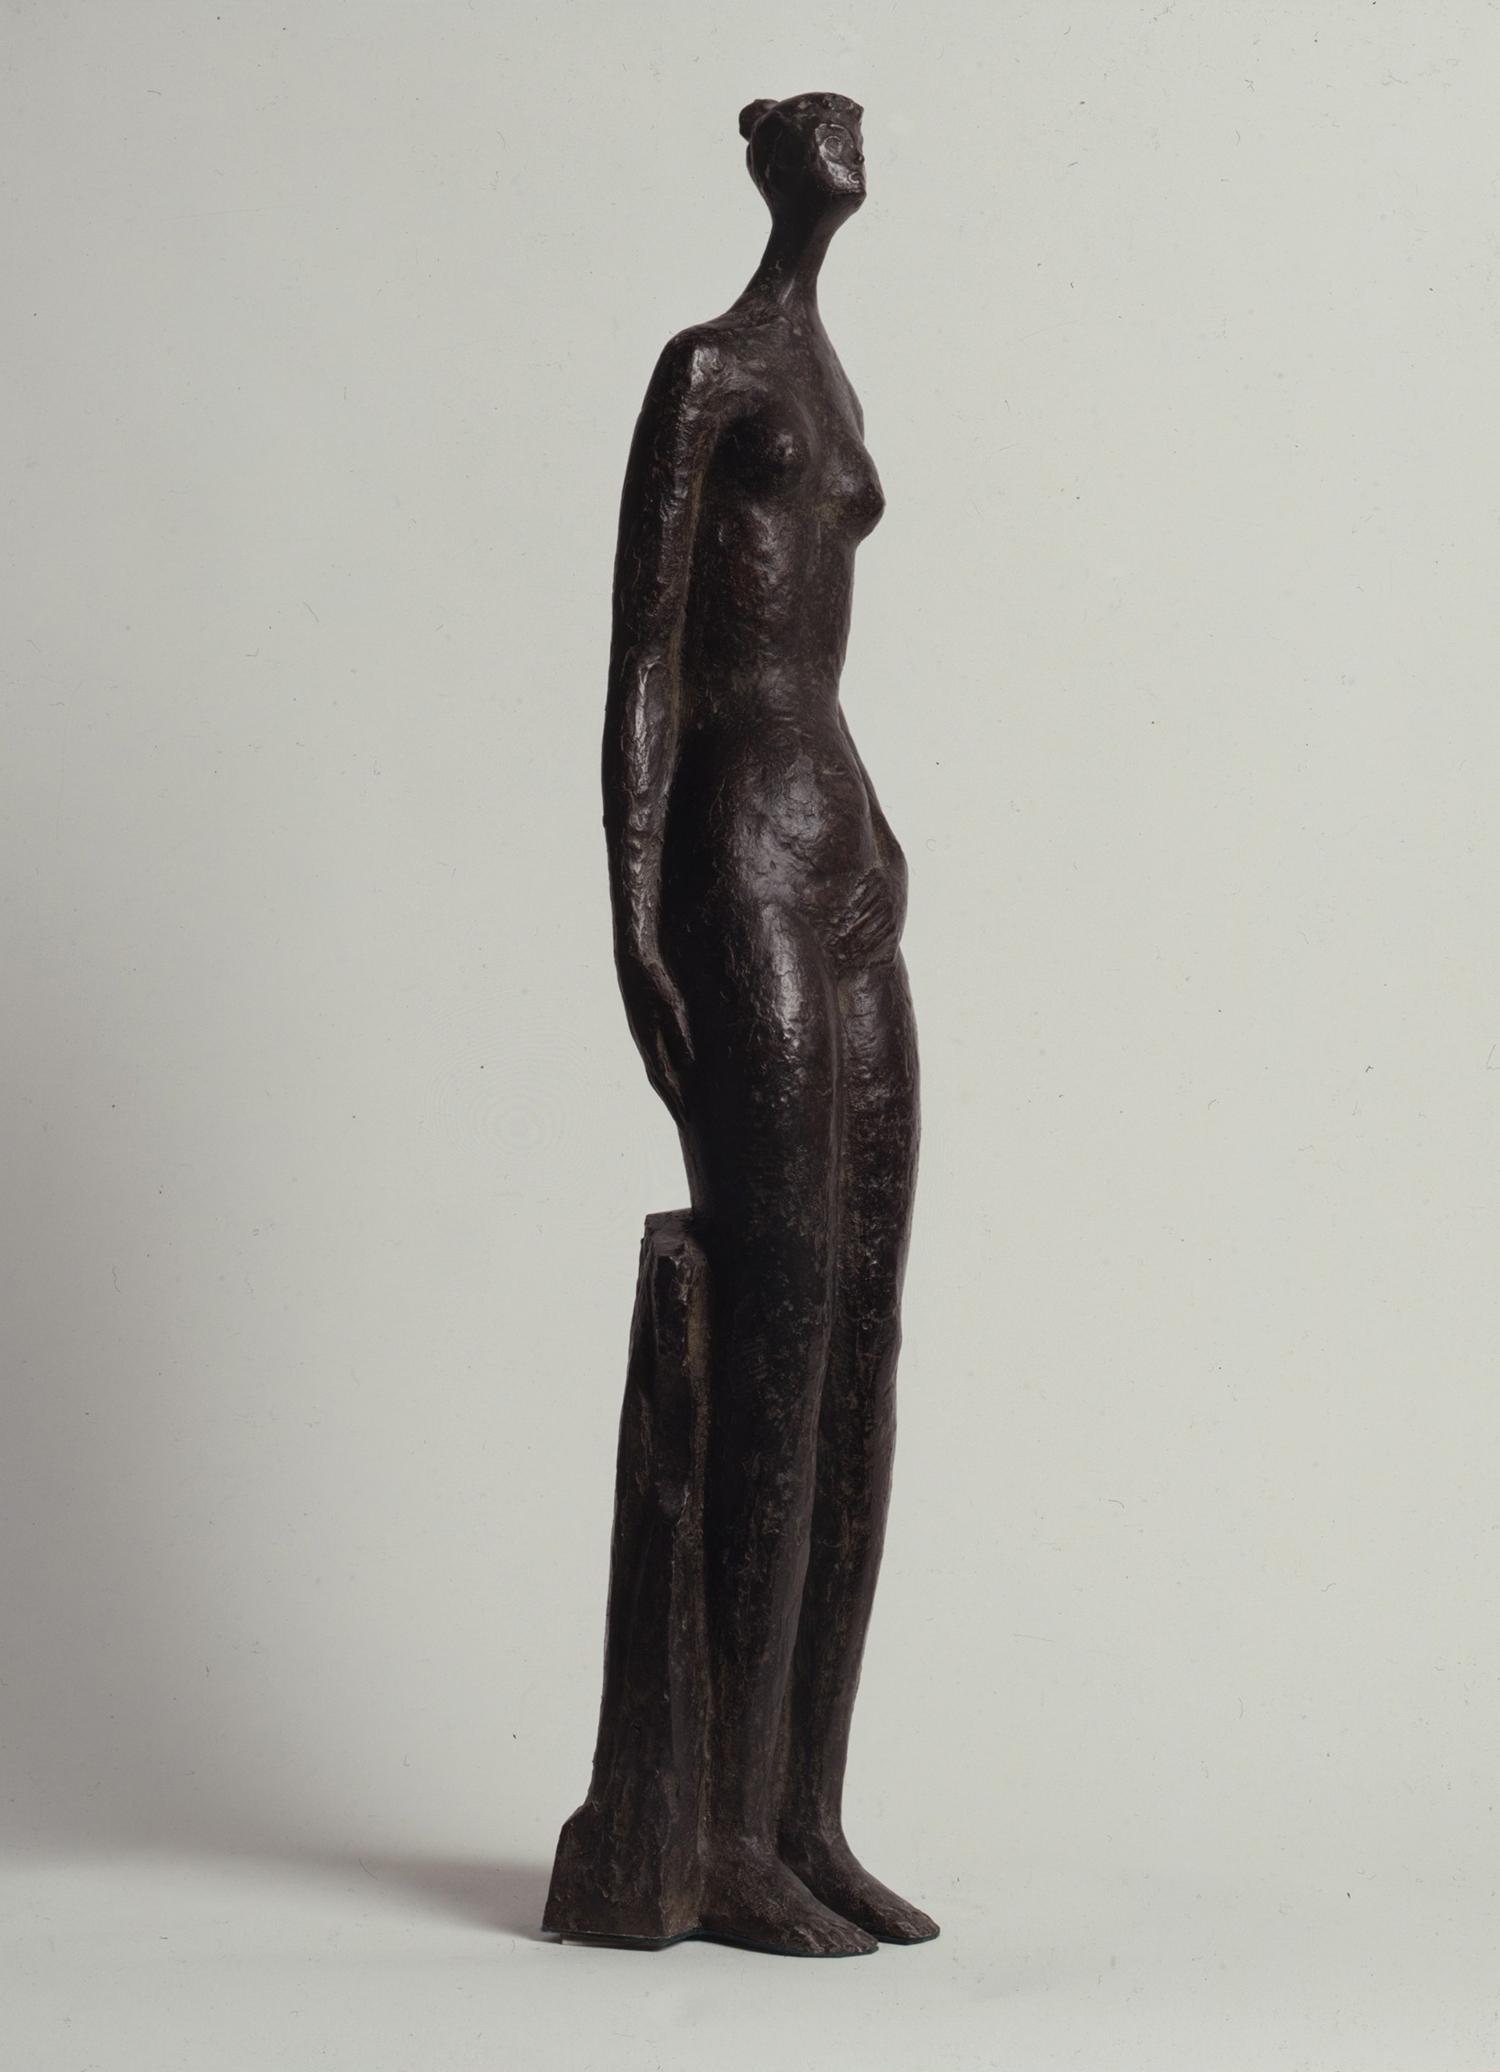 1976.1. Desnudo de mujer II, bronce, 51x09x06 cms. 1976